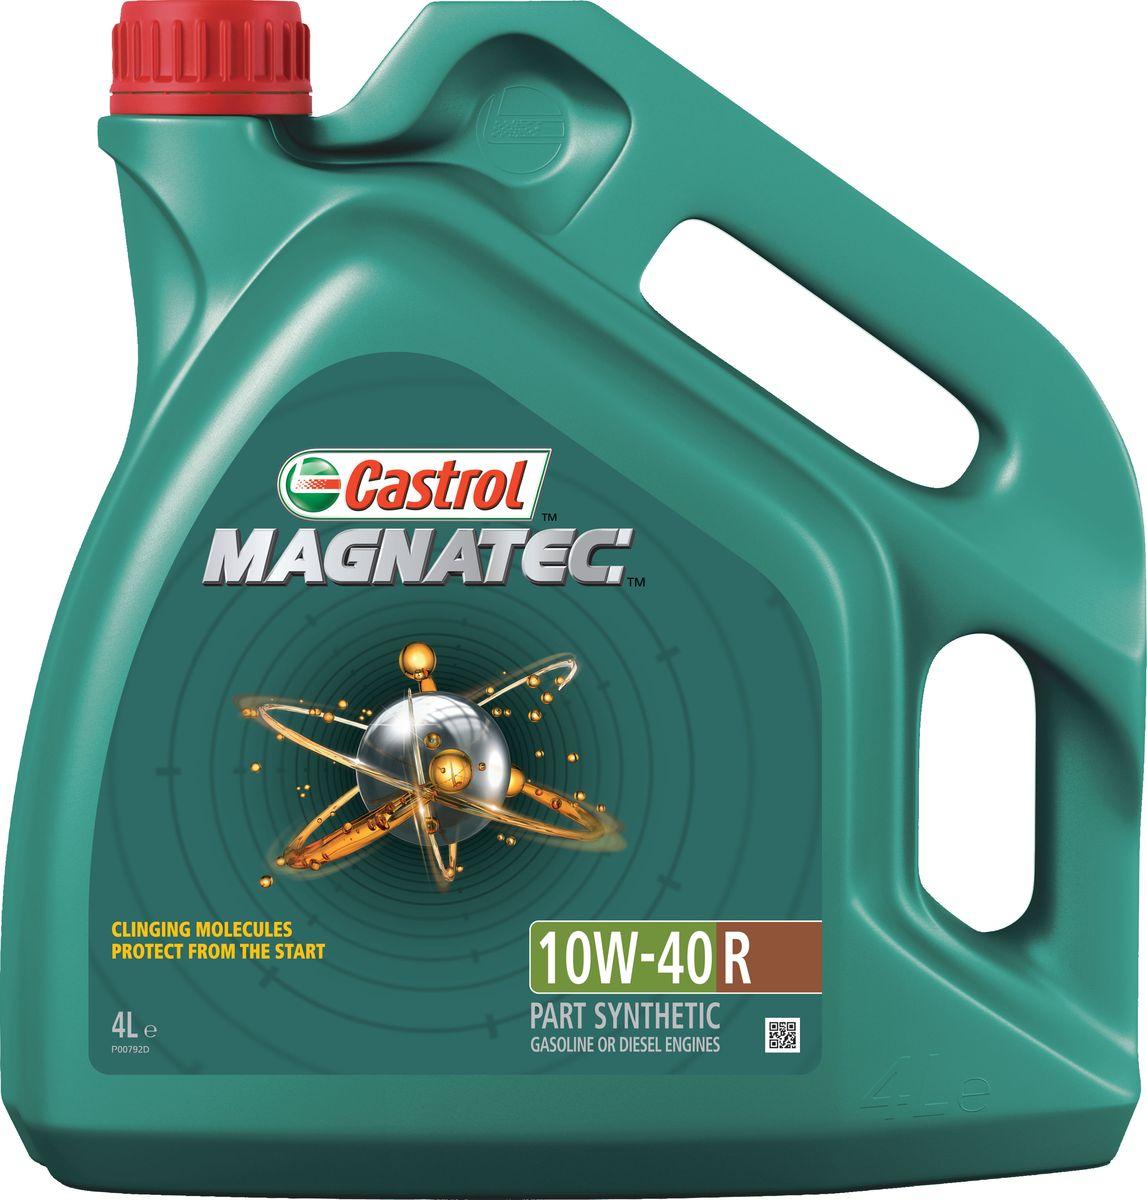 Масло моторное Castrol Magnatec, синтетическое, класс вязкости 10W-40, A3/B4, 4 л2706 (ПО)До 75% износа двигателя происходит во время его пуска и прогрева.Когда двигатель выключен, обычное масло стекает в поддон картера, оставляя важнейшие детали двигателя незащищенными. Молекулы Castrol Magnatec подобно магниту притягиваются к деталям двигателя и образуют сверхпрочную масляную пленку, обеспечивающую дополнительную защиту двигателя в период пуска, когда риск возникновения износа существенно возрастает.Моторное масло Castrol Magnatec подходит для применения в бензиновых и дизельных двигателях, в которых производитель рекомендует использовать смазочные материалы соответствующие классу вязкости SAE 10W-40 и спецификациям ACEA A3/B4, A3/B3, API SL/CF или более ранним. Castrol Magnatec одобрено к использованию в автомобилях ведущих производителейтехники.Компоненты пакета присадок моторного масла Castrol Magnatec:- в сочетании с синтетической технологией обеспечивают повышенную защиту при высоко- и низкотемпературных режимах работы двигателя;- обеспечивают постоянную защиту в любых условиях эксплуатации, при различных стилях вождения и в широком диапазоне температур.Castrol Magnatec специально разработано и протестировано с учетом особенностей российских условий эксплуатации. Обеспечивает комплексную защиту двигателя даже при самых тяжелых дорожных условиях: эксплуатация при низкой температуре, использование российского топлива и движение в городских пробках.Спецификации:ACEA A3/B3, A3/B4,API SL/CF,Meets Fiat 9.55535-D2,MB-Approval 226.5/ 229.1,Renault RN 0700 / RN 0710,VW 502 00 / 505 00.Товар сертифицирован.